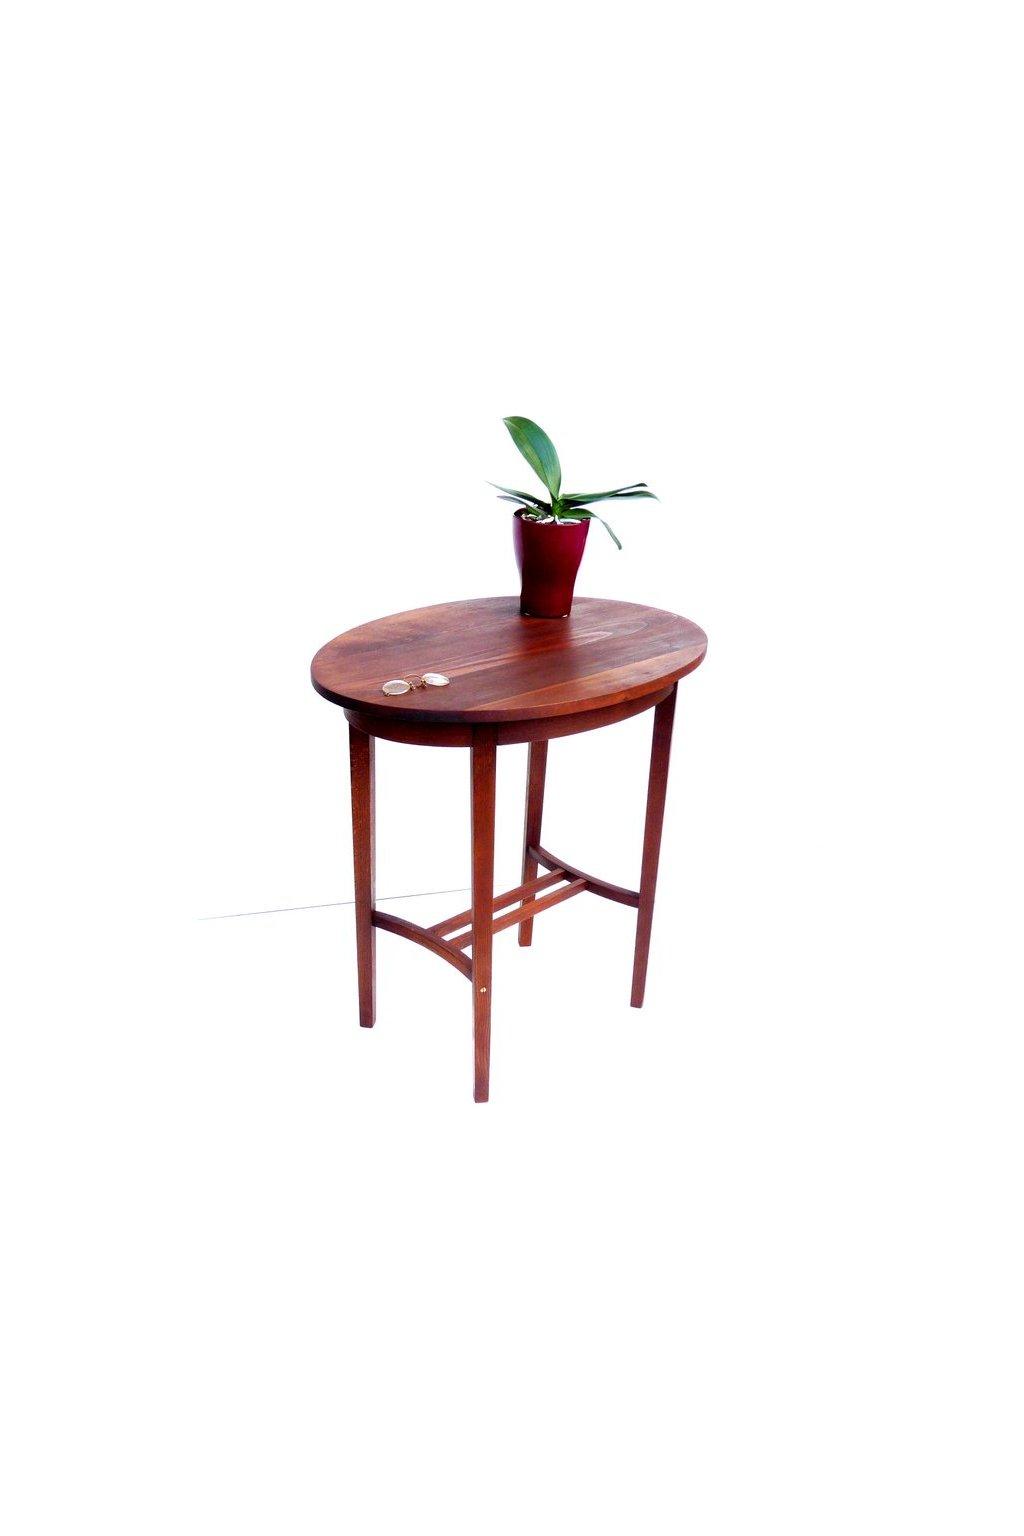 1 stolík. starožitný stolek